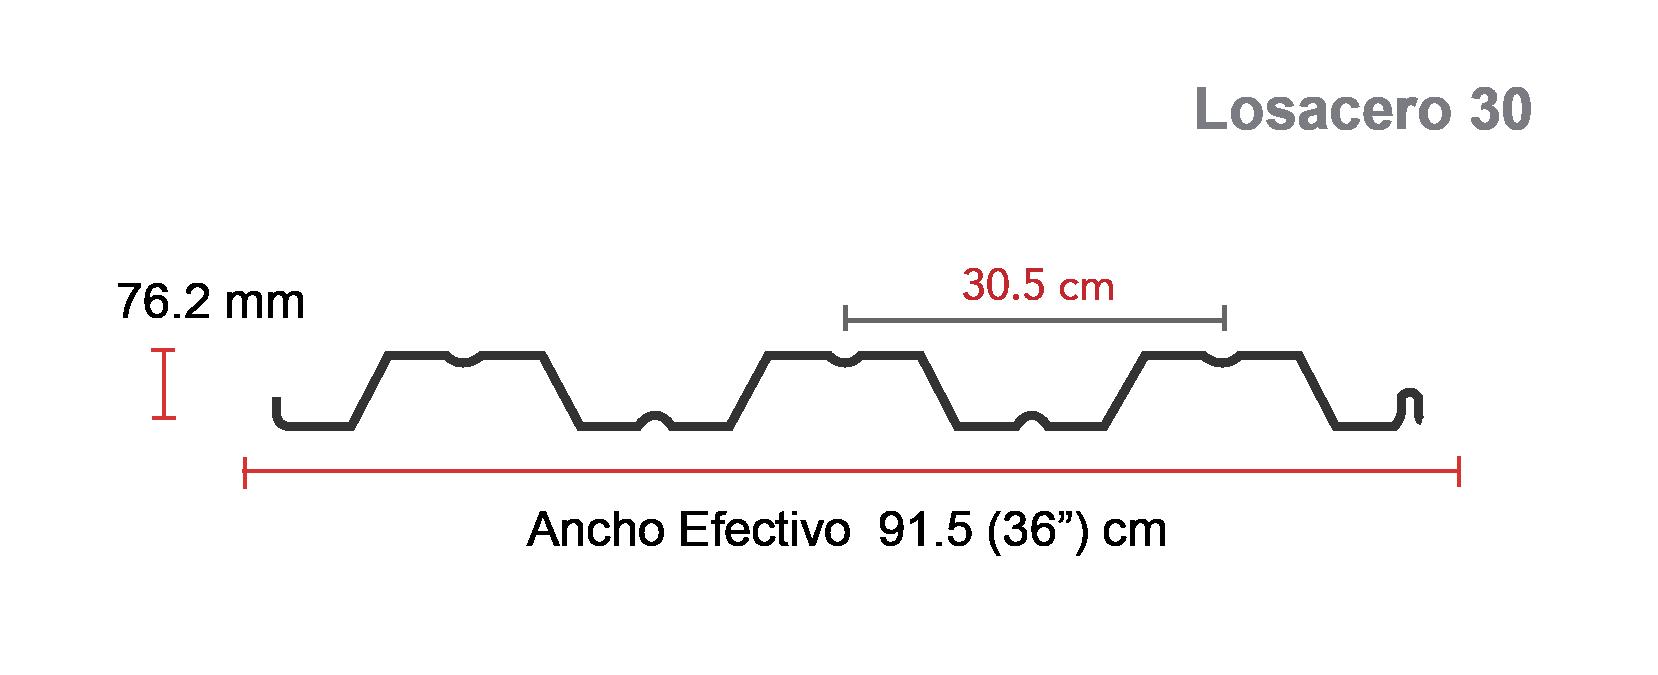 medidas-de-lamina-losacero-30-ternium